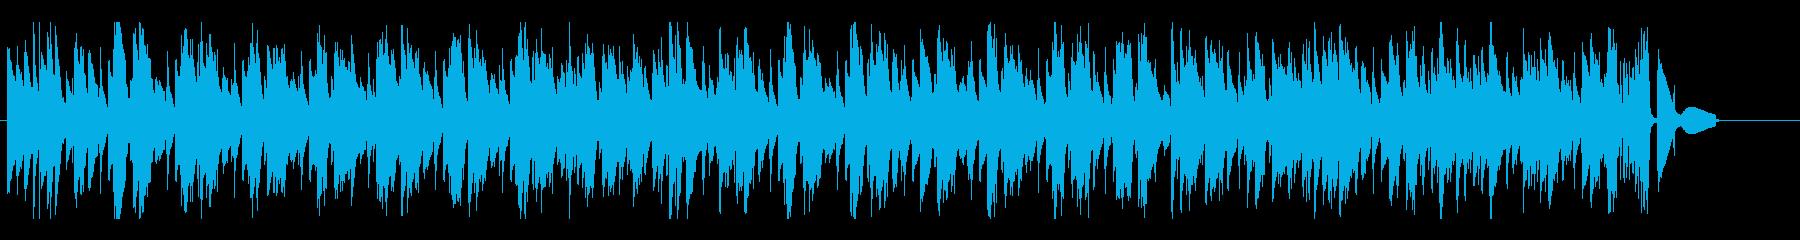 穏やか軽快な4ビート ピアノ・トリオの再生済みの波形